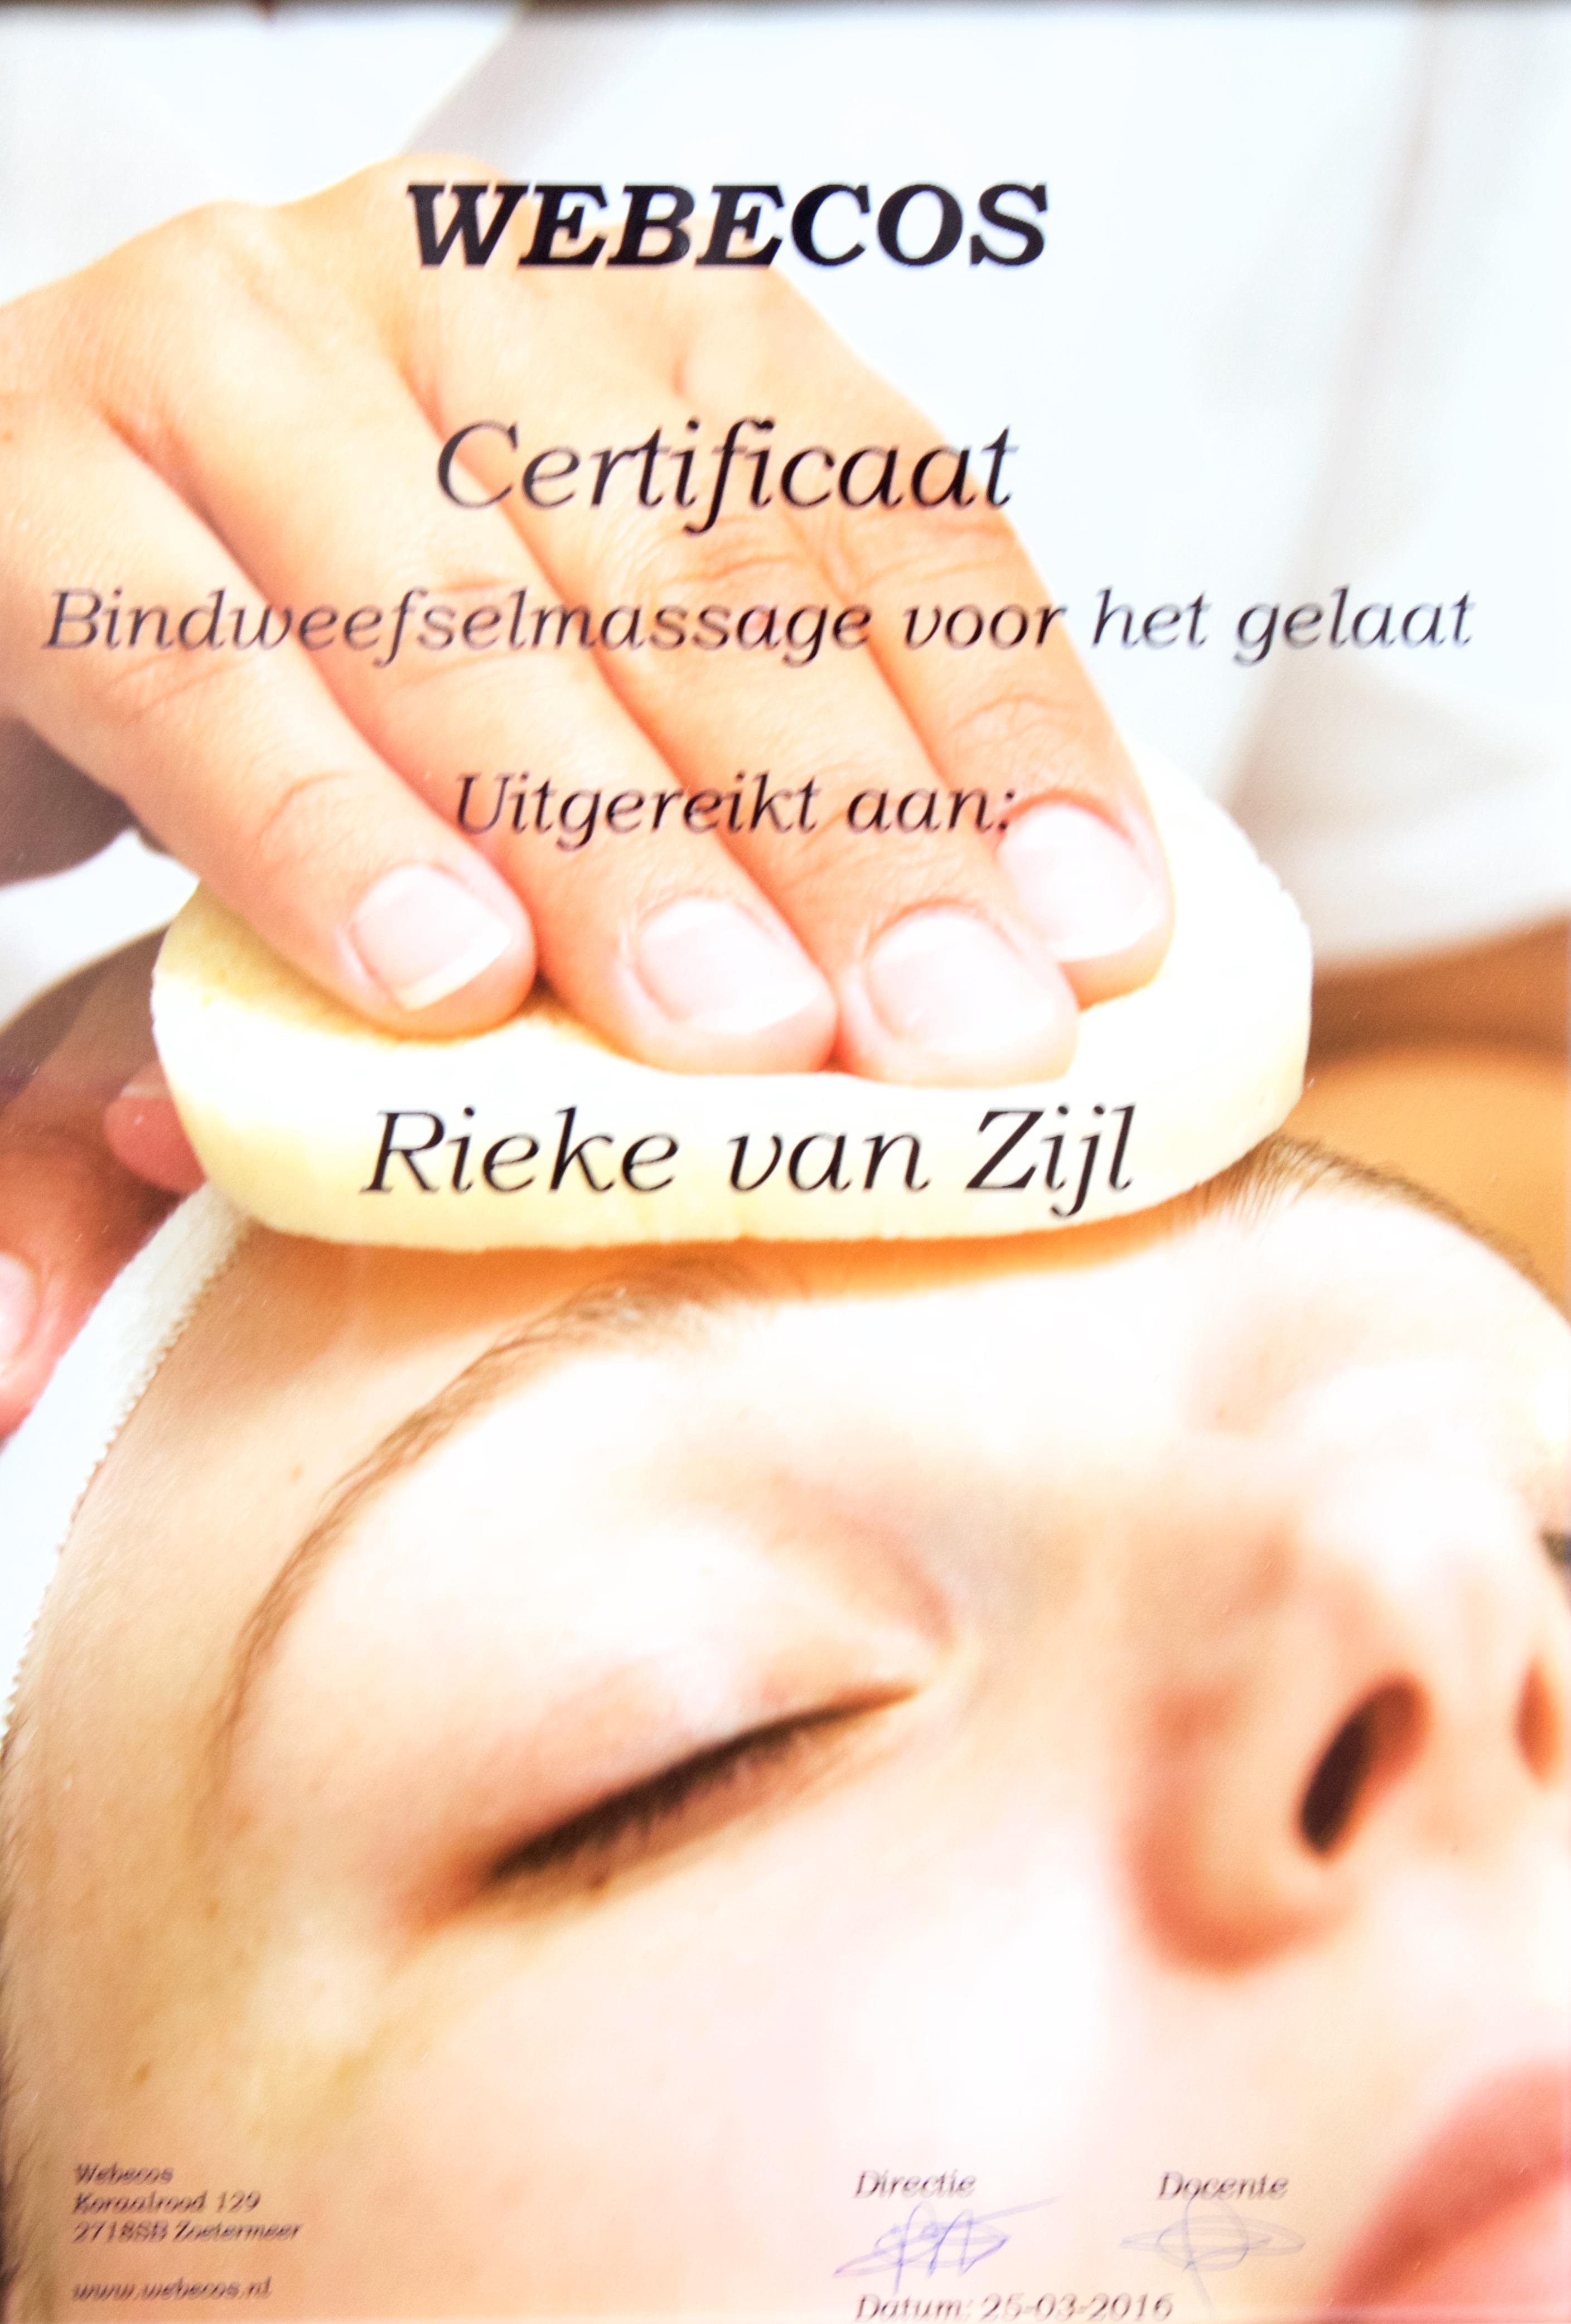 certificaat bindweefselmassage